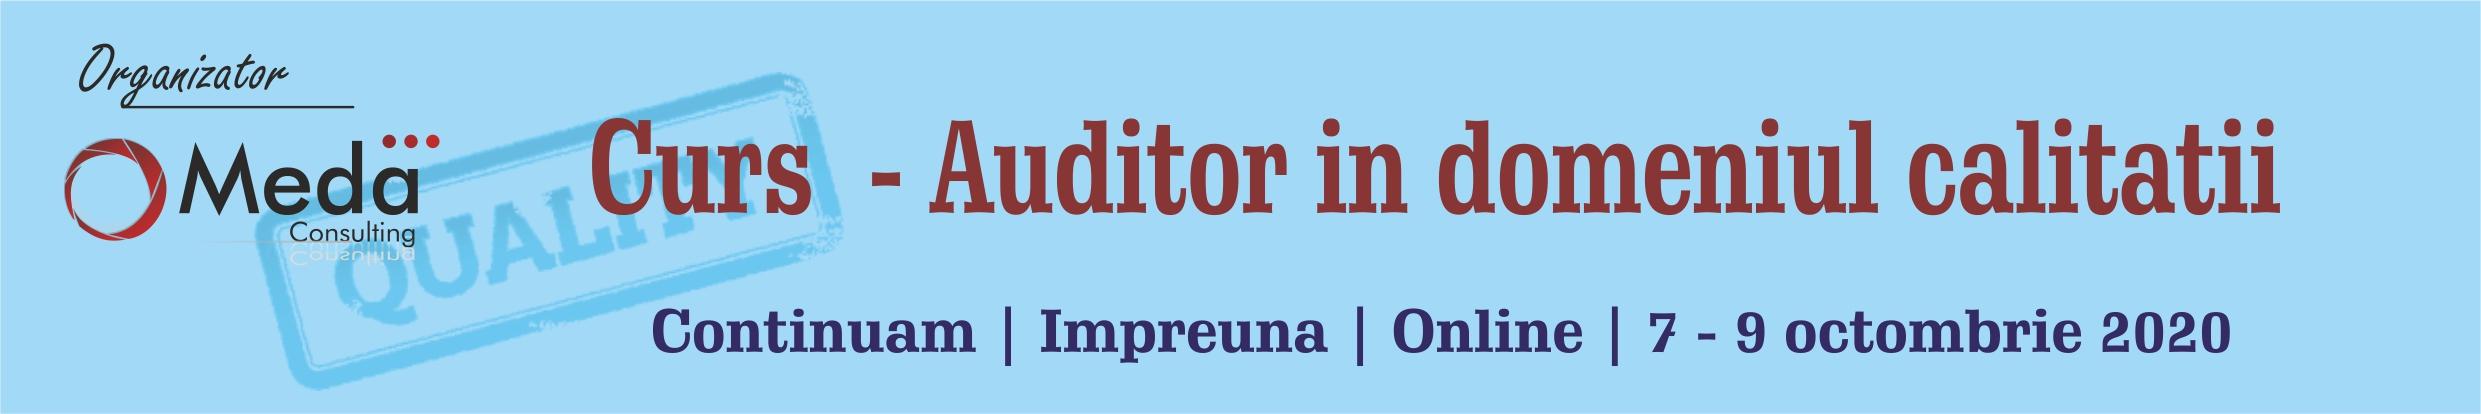 Curs - Auditor in doeniul calitatii